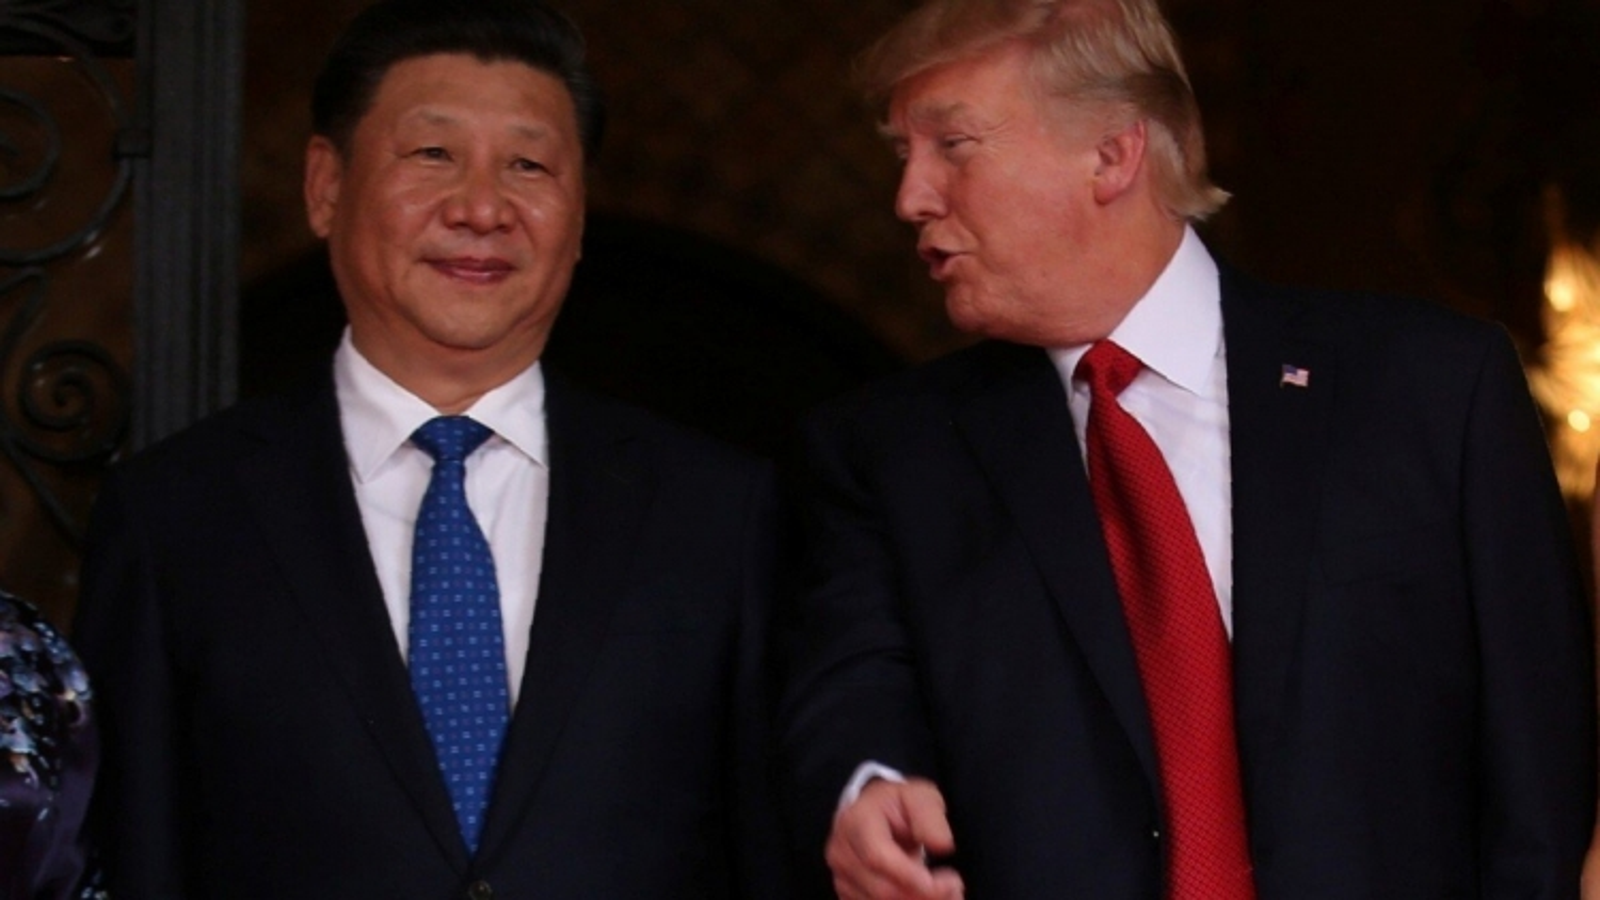 """Đa số chuyên gia cho rằng Mỹ """"trên cơ"""" Trung Quốc trong các cuộc tranh chấp"""